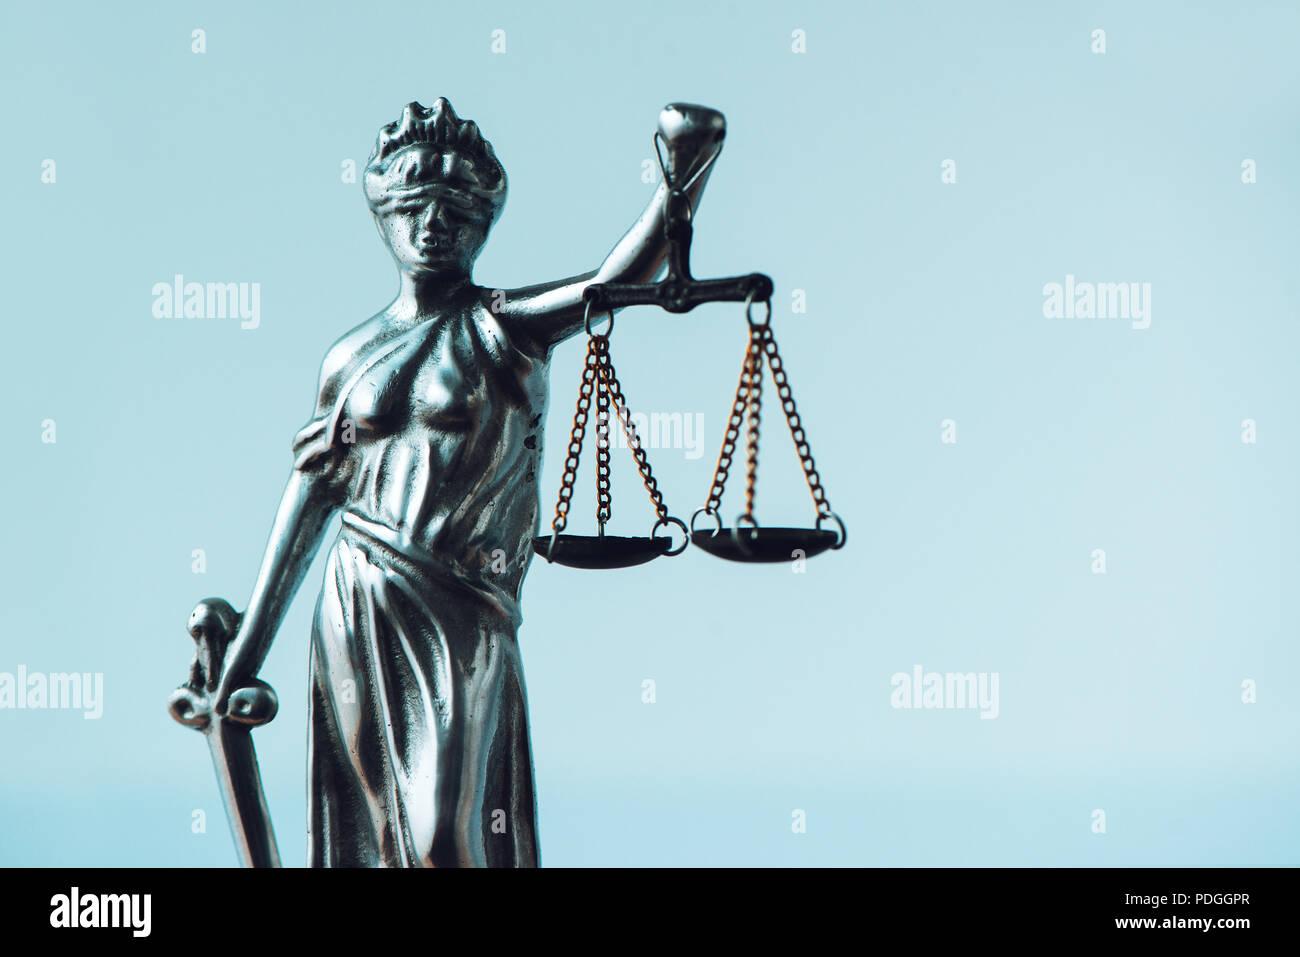 Dame Justice statue in law office. Du Prince avec bandeau, l'équilibre et l'épée est la personnification de la force morale dans le système judiciaire et c'est l'origine est Photo Stock